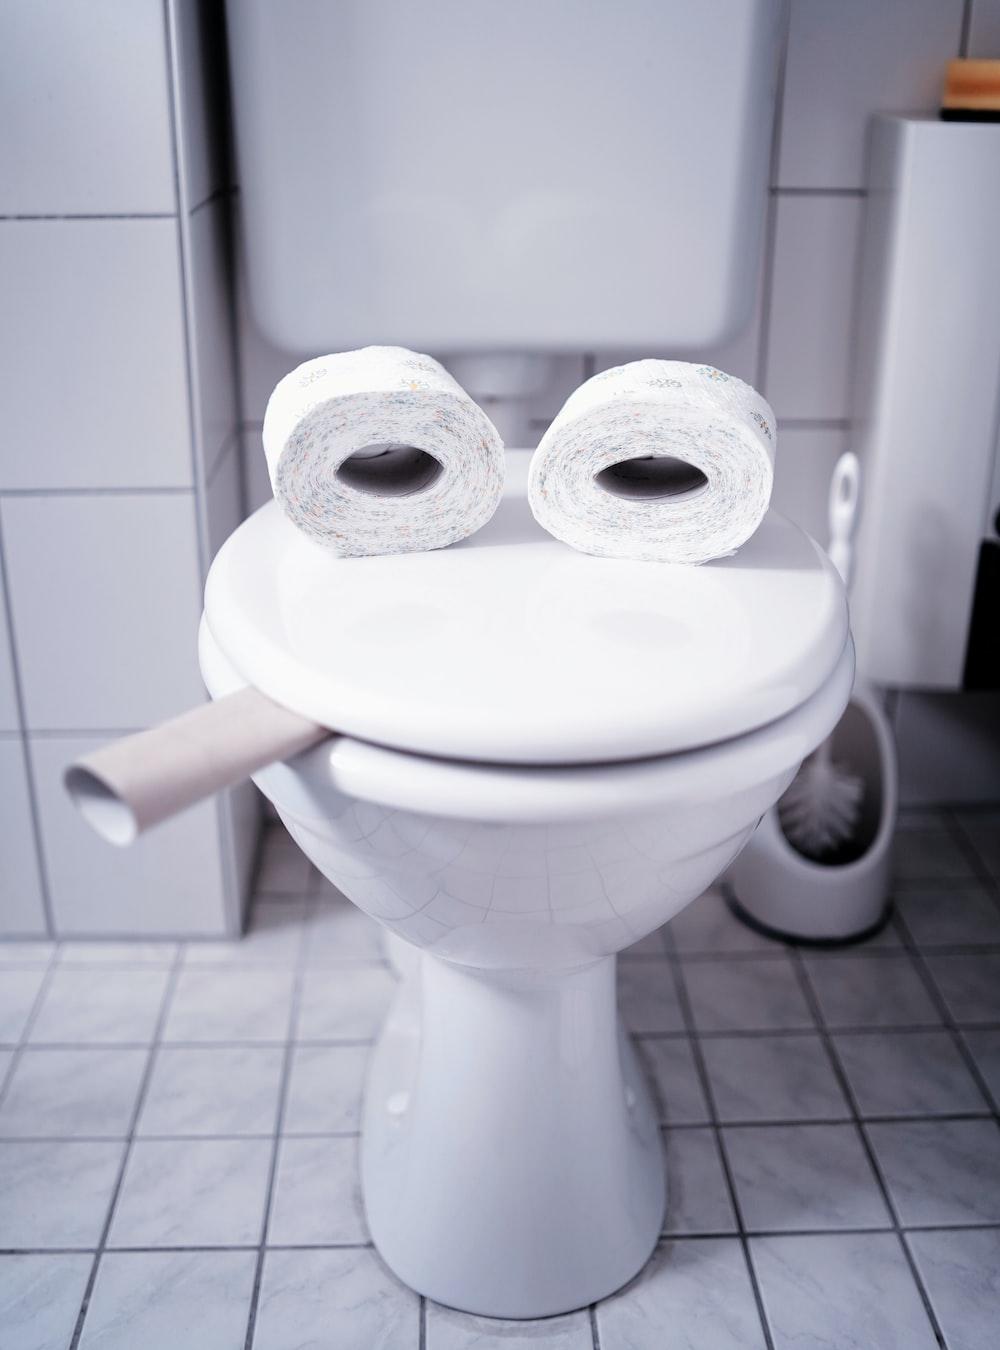 white toilet paper on flush toilet